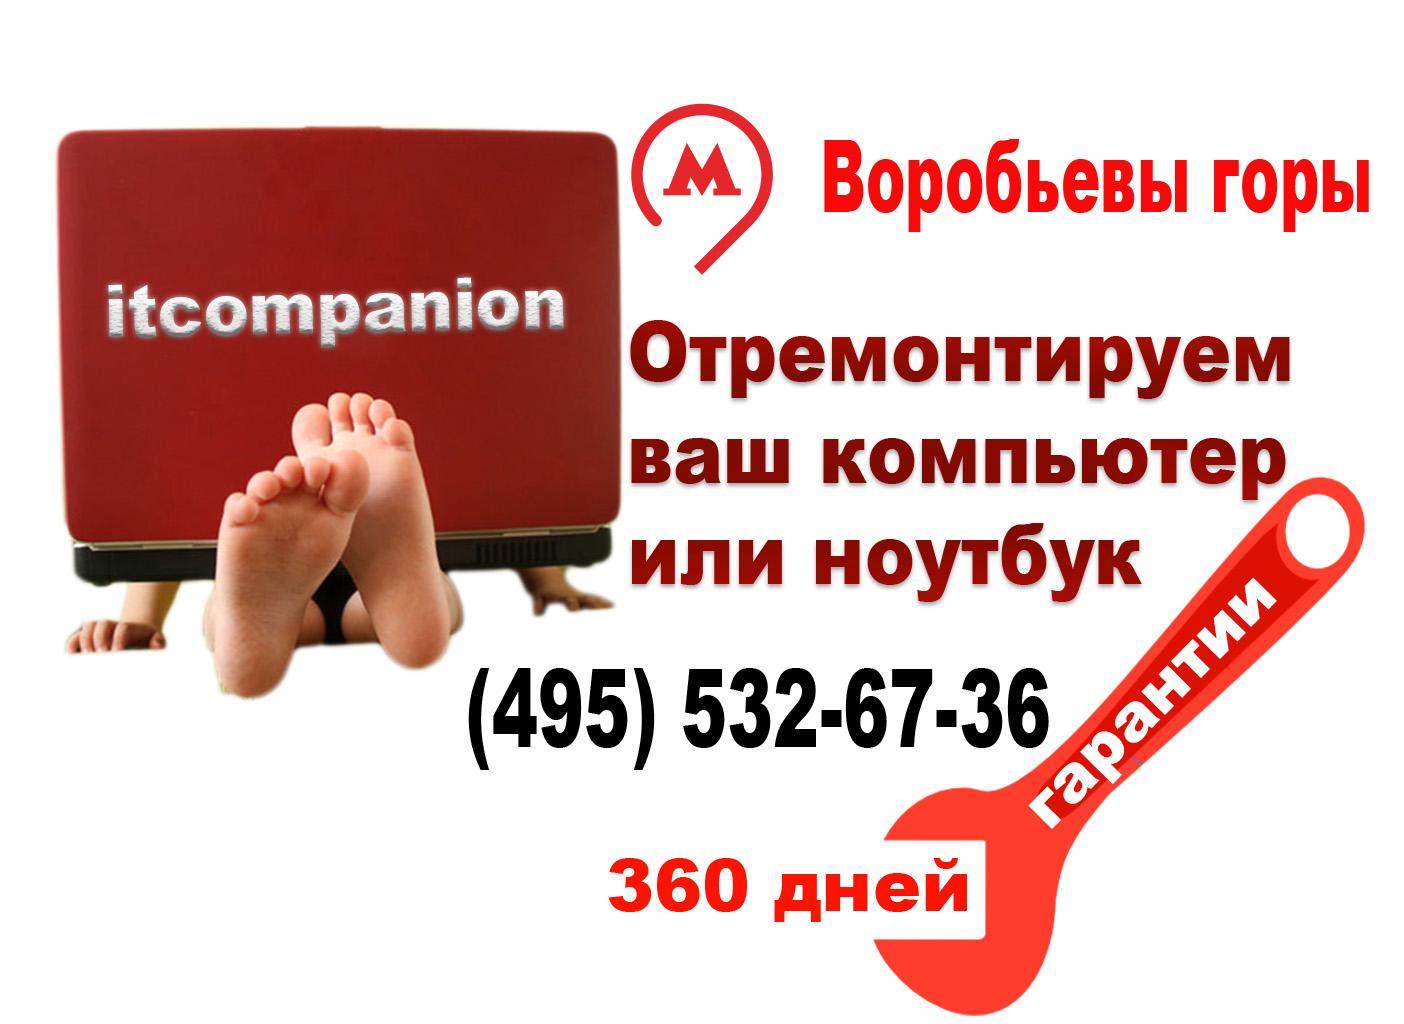 компьютерная помощь 89296400789_itcompanion.ru_воробьевы_горы